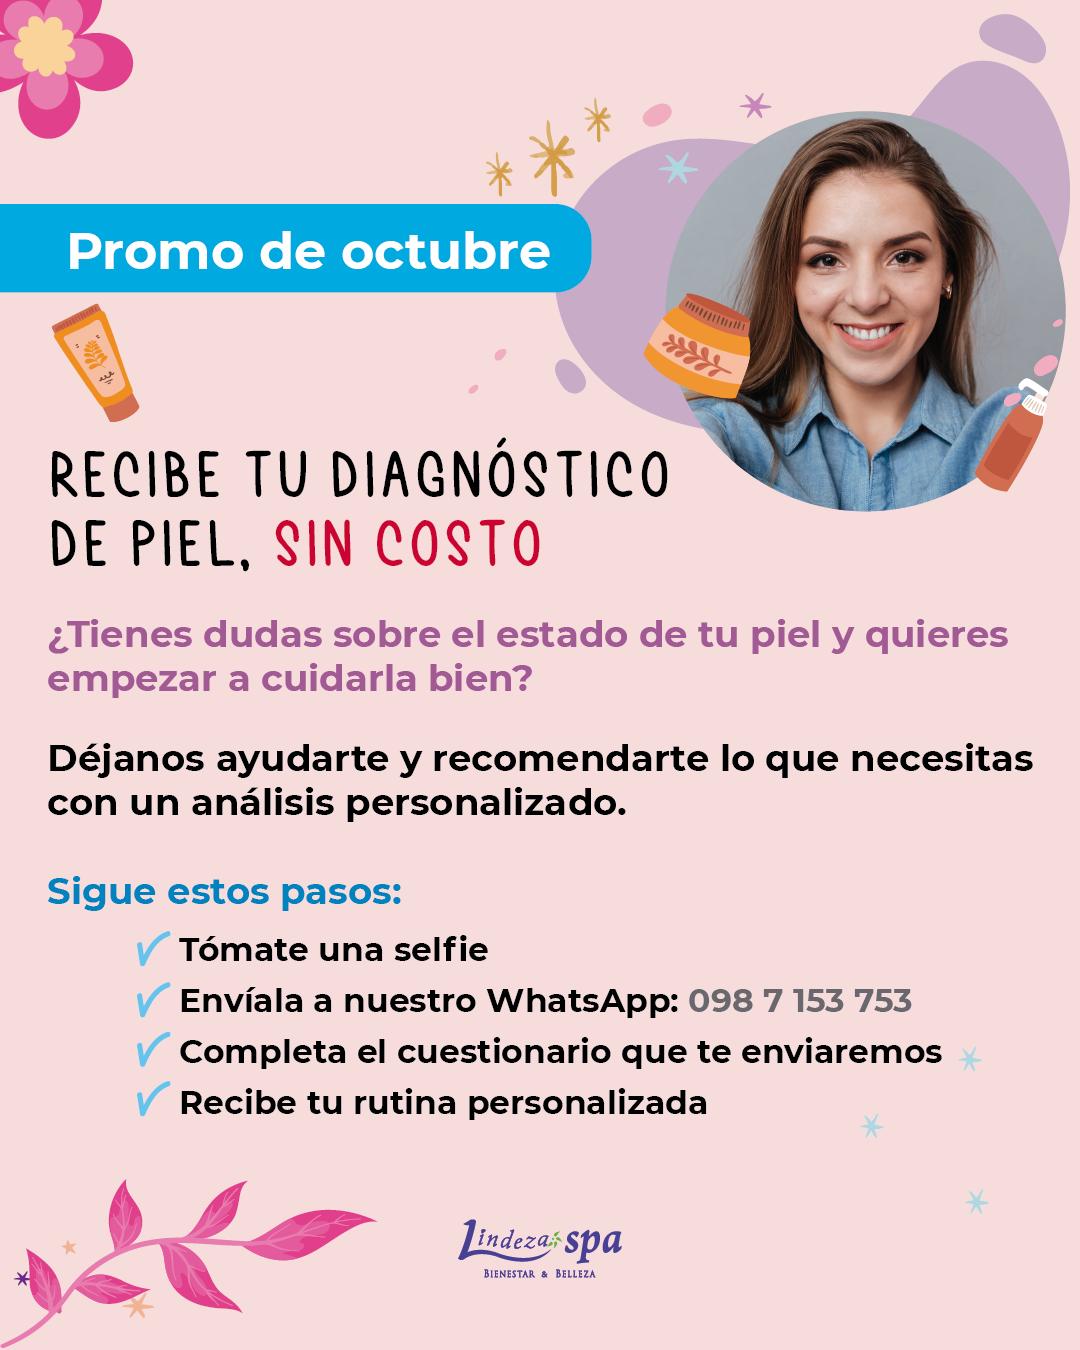 diagnóstico de piel, piel sana, cuidado de la piel en Guayaquil